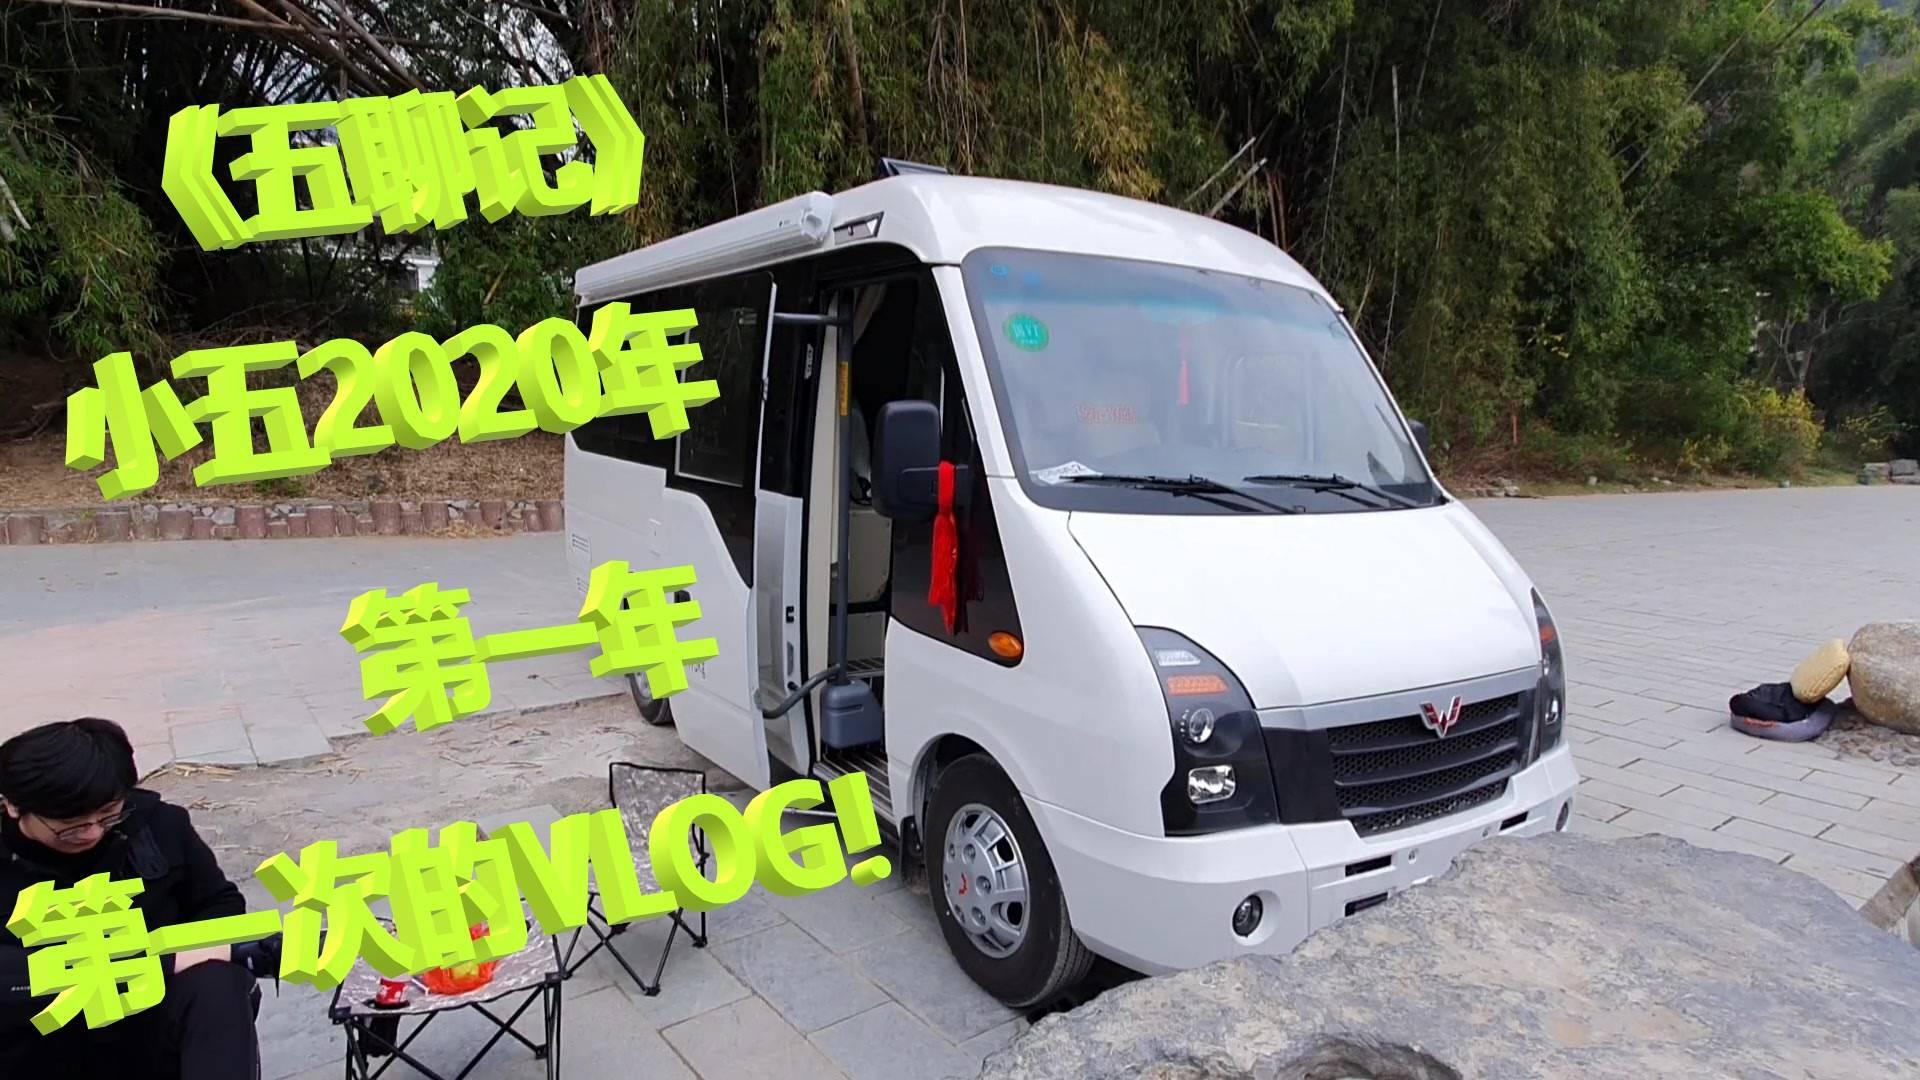 (五聊记-语音版)五菱:房车也造给你们看!提车VLOG-01.1